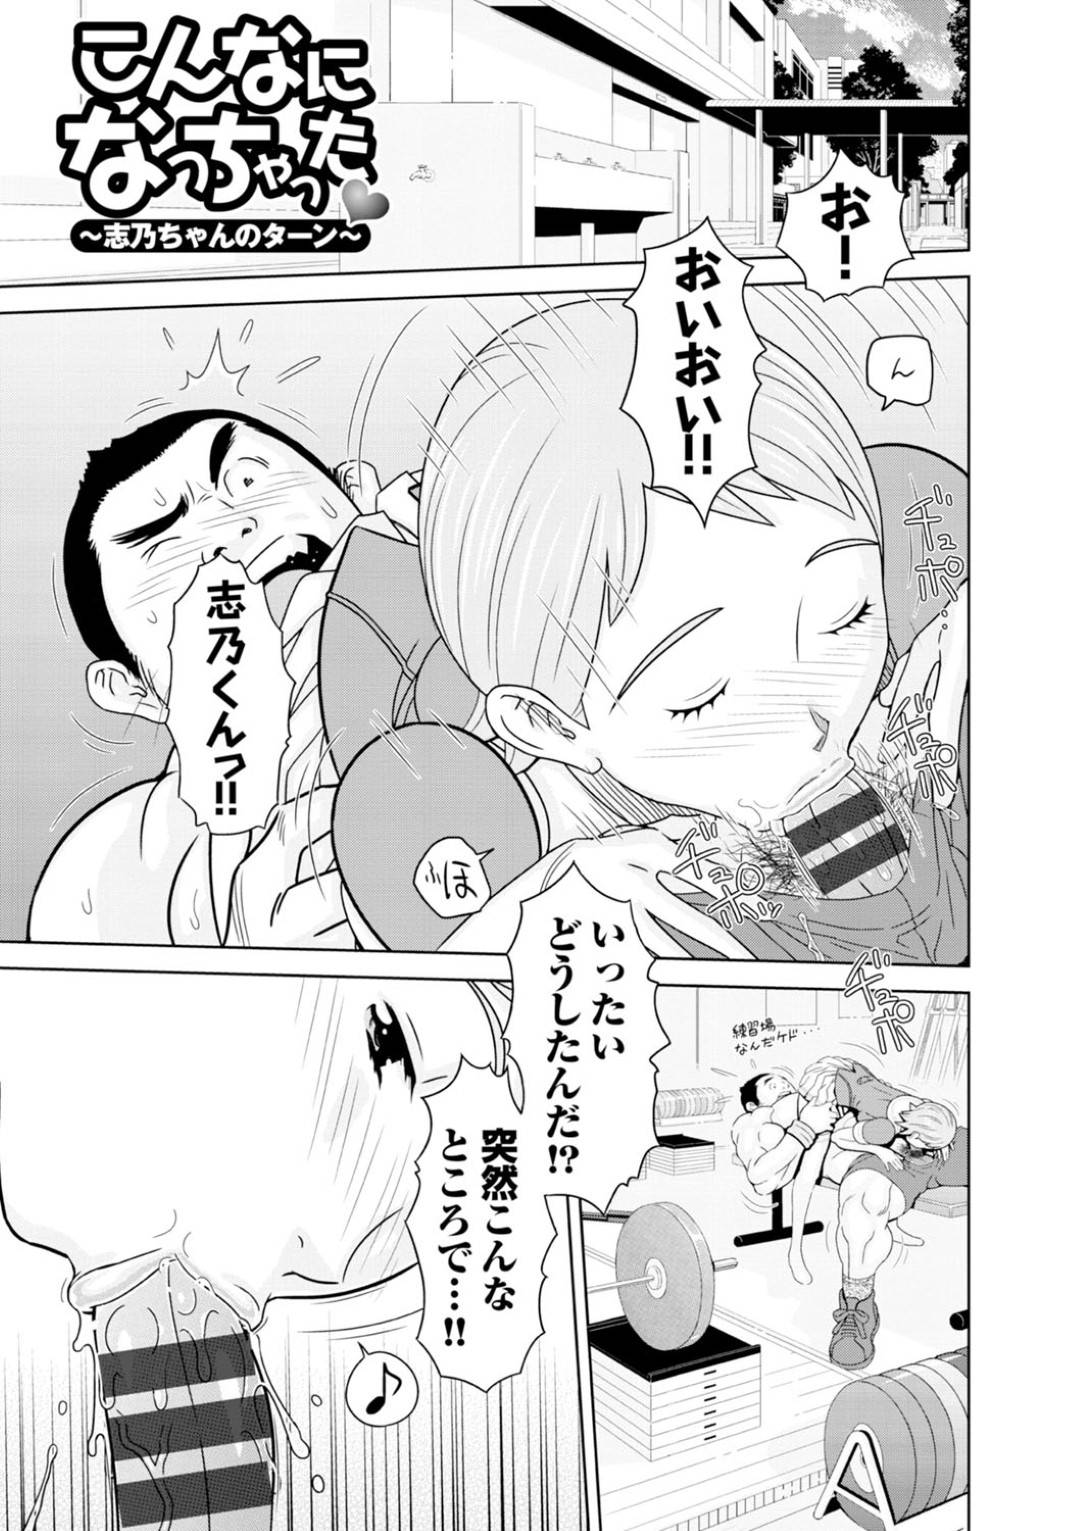 【エロ漫画】練習中の彼氏のチンポをいきなりフェラする巨乳彼女…実は淫乱な一面を言い出せず初めて告白した彼女は彼氏の新たな一面も知ることに!【鉄歩】